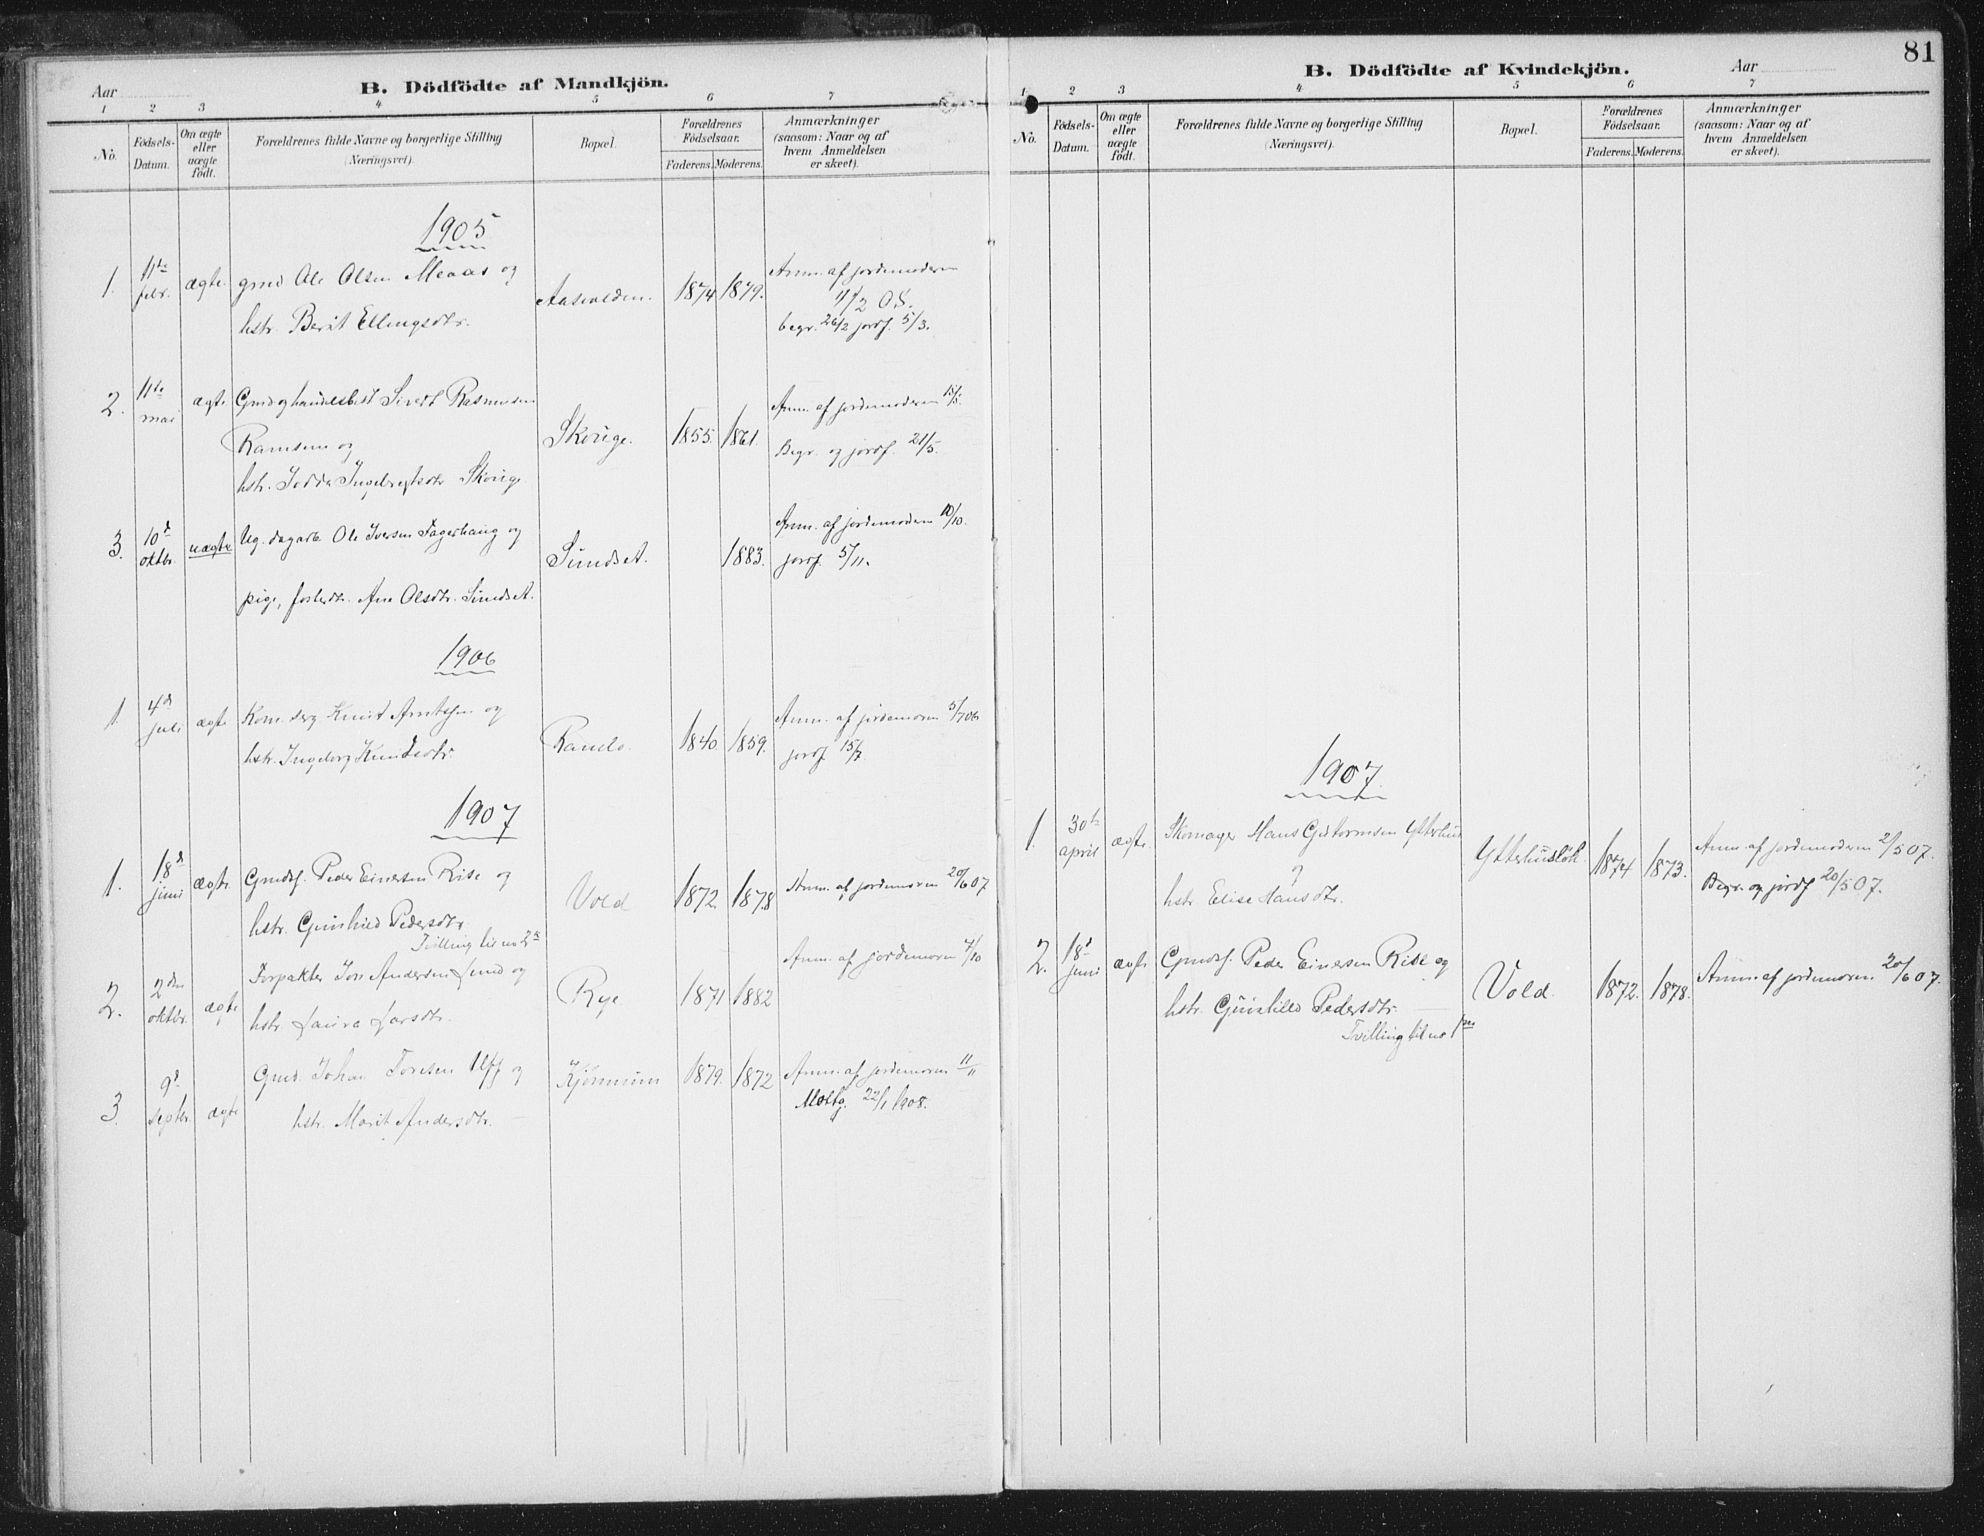 SAT, Ministerialprotokoller, klokkerbøker og fødselsregistre - Sør-Trøndelag, 674/L0872: Ministerialbok nr. 674A04, 1897-1907, s. 81